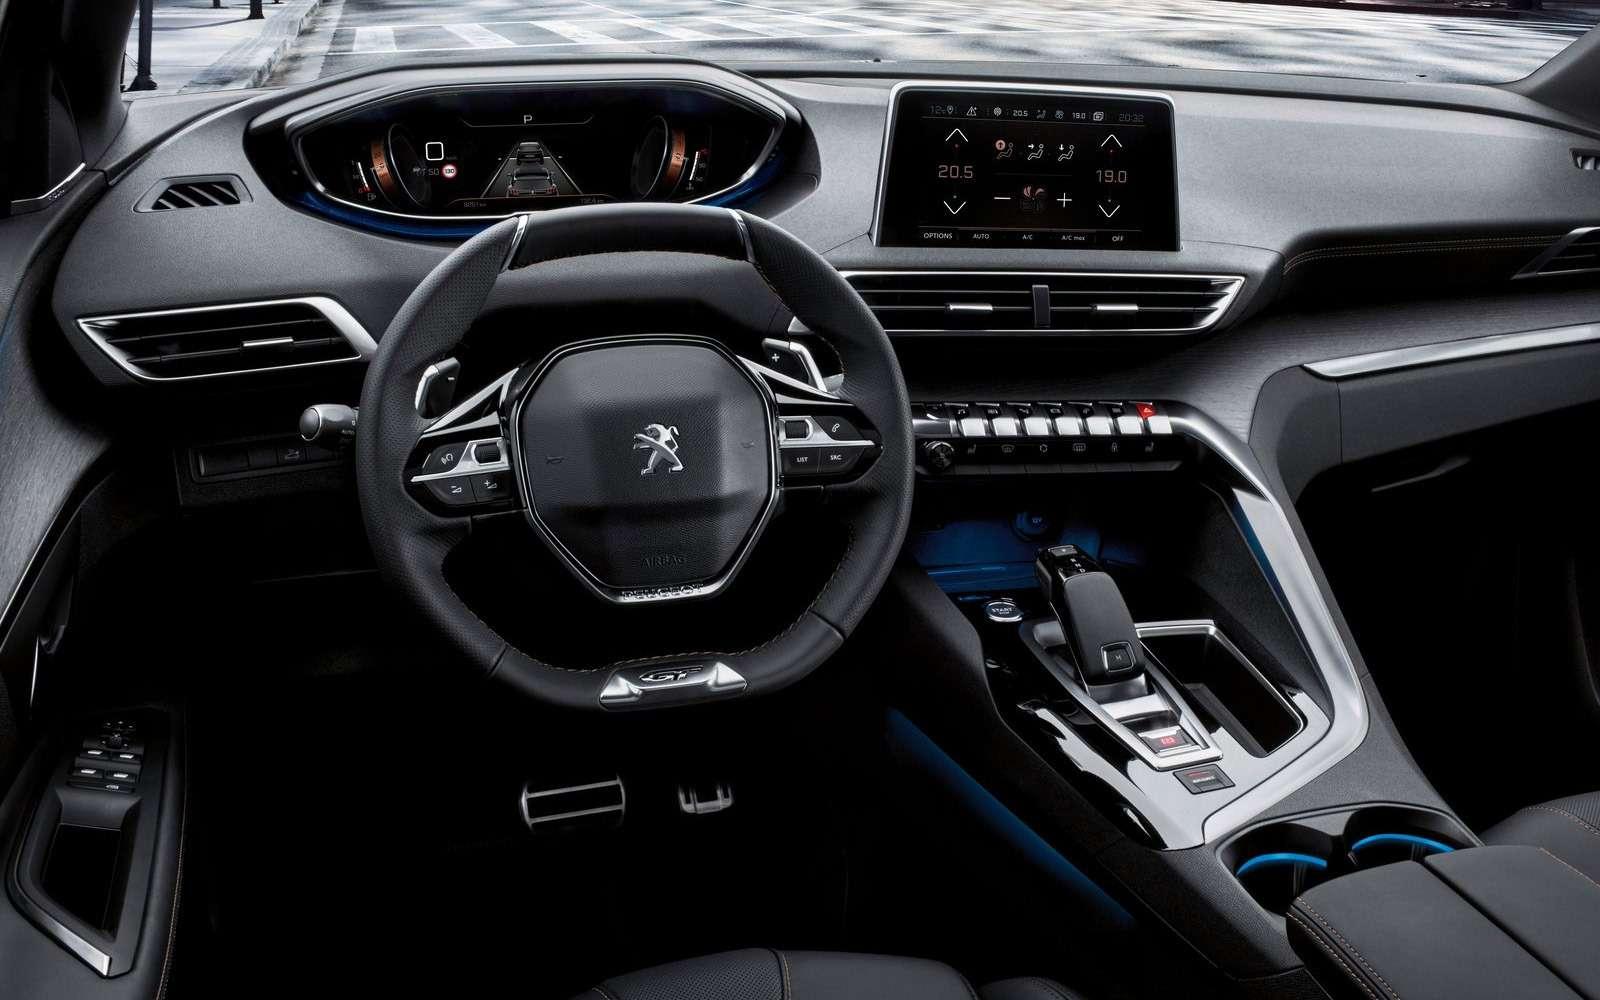 Peugeot привезет вРоссию большой кроссовер. Осталось узнать цены— фото 821997